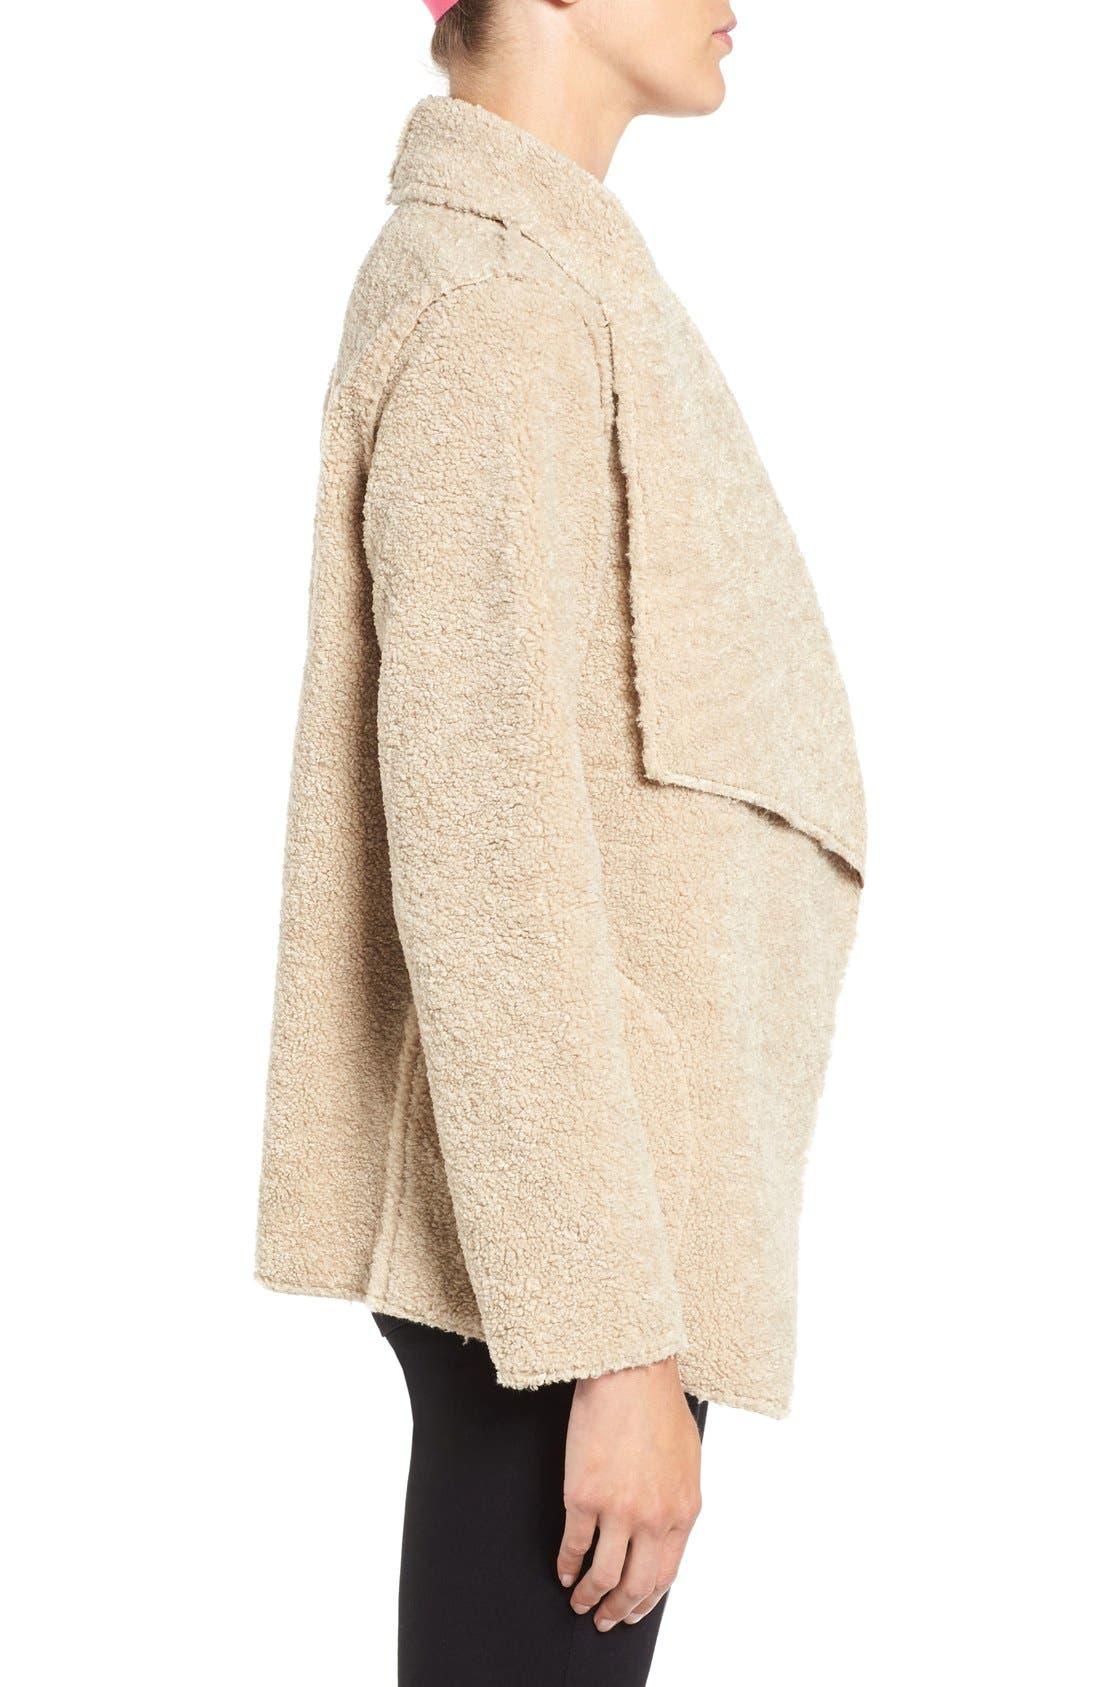 Alternate Image 3  - Velvet by Graham & Spencer 'Lux' Reversible Faux Shearling Drape Front Jacket